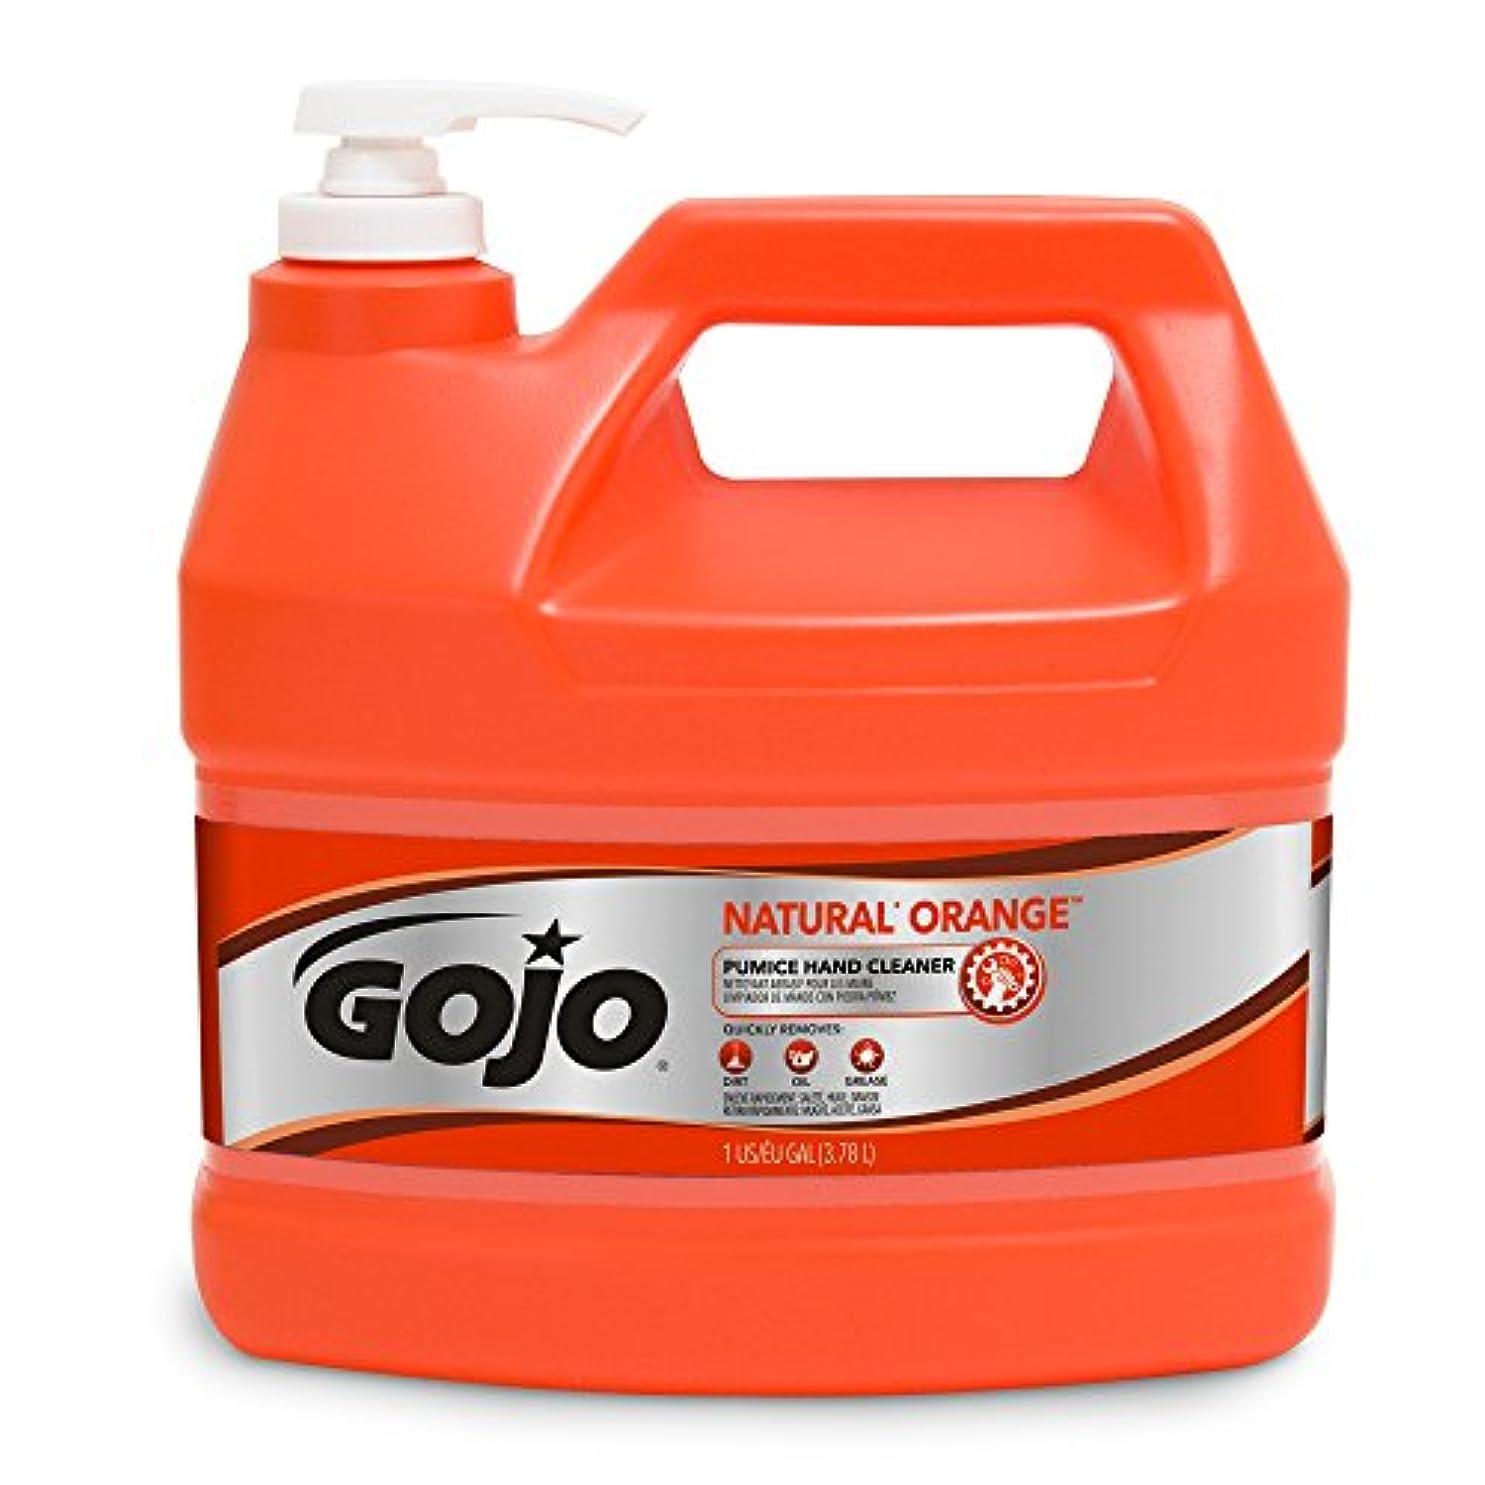 ポータル医療過誤ジムGOJO Industries GOJ095504EA Hand Cleaner- Orange Pumice- w-Baby Oil- 1 Gal- Citrus